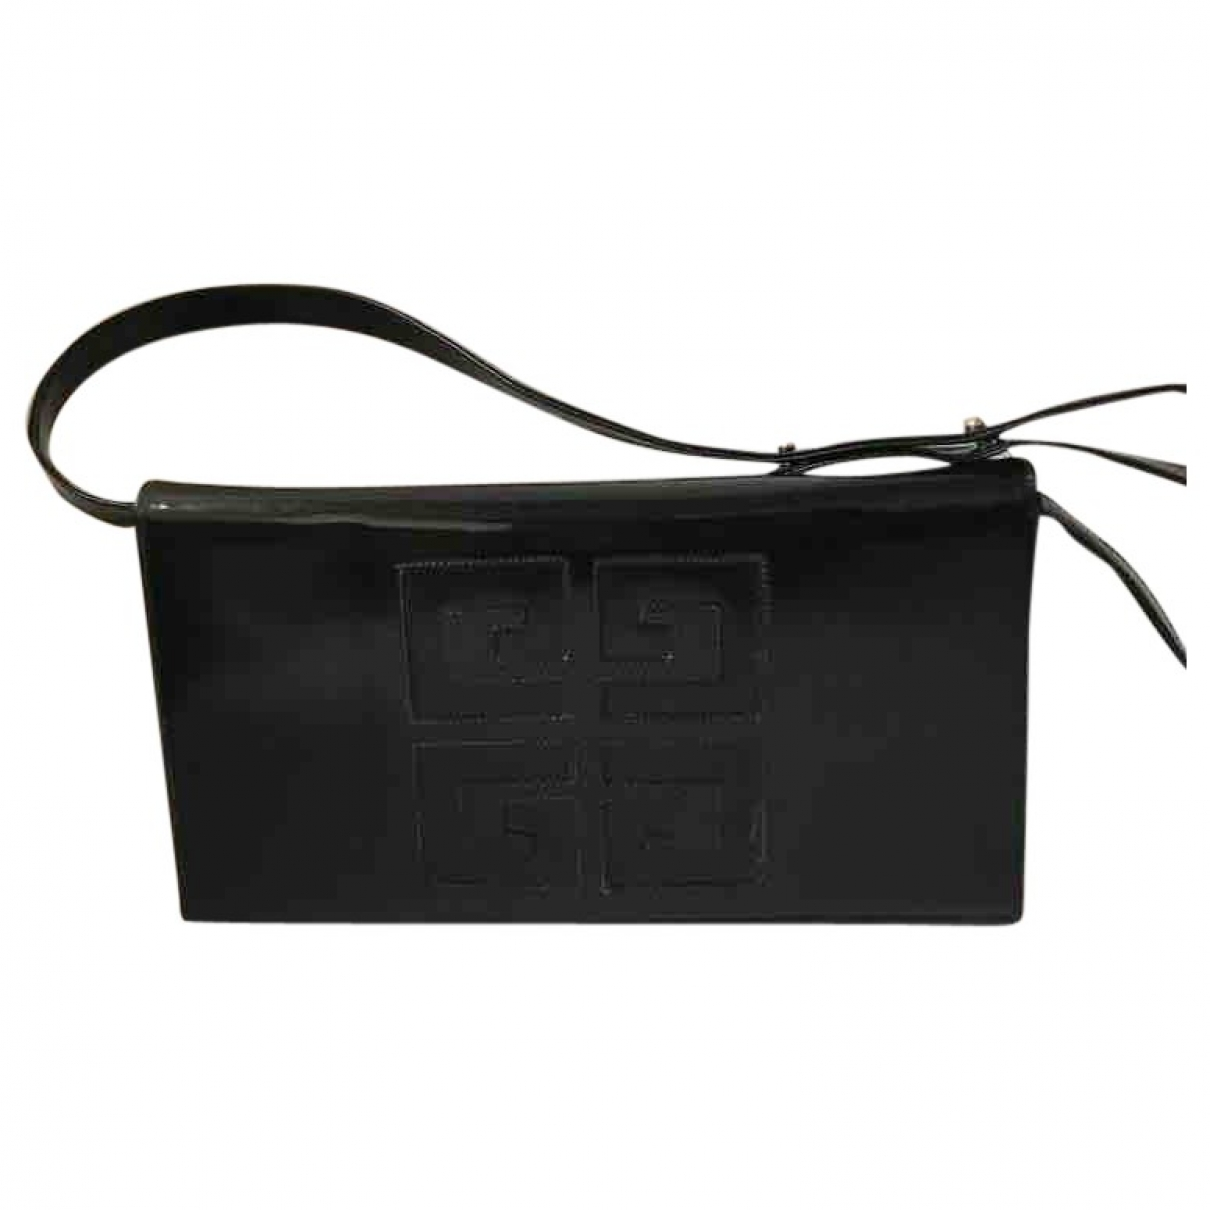 Givenchy - Sac a main   pour femme en cuir - noir